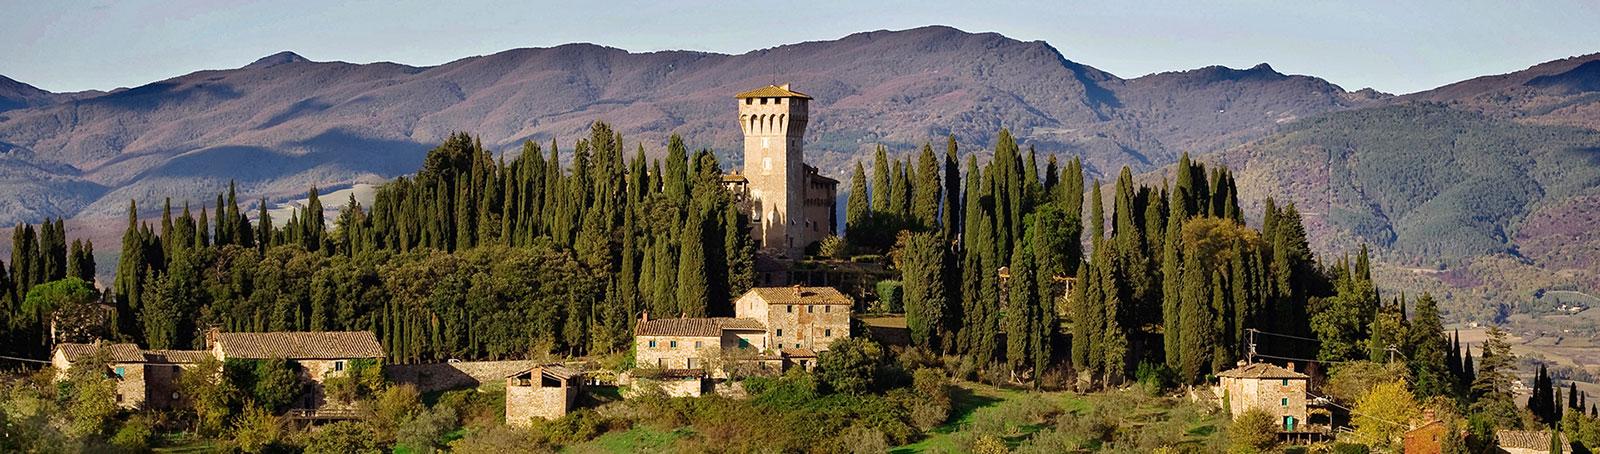 Villa Medicea del Trebbio